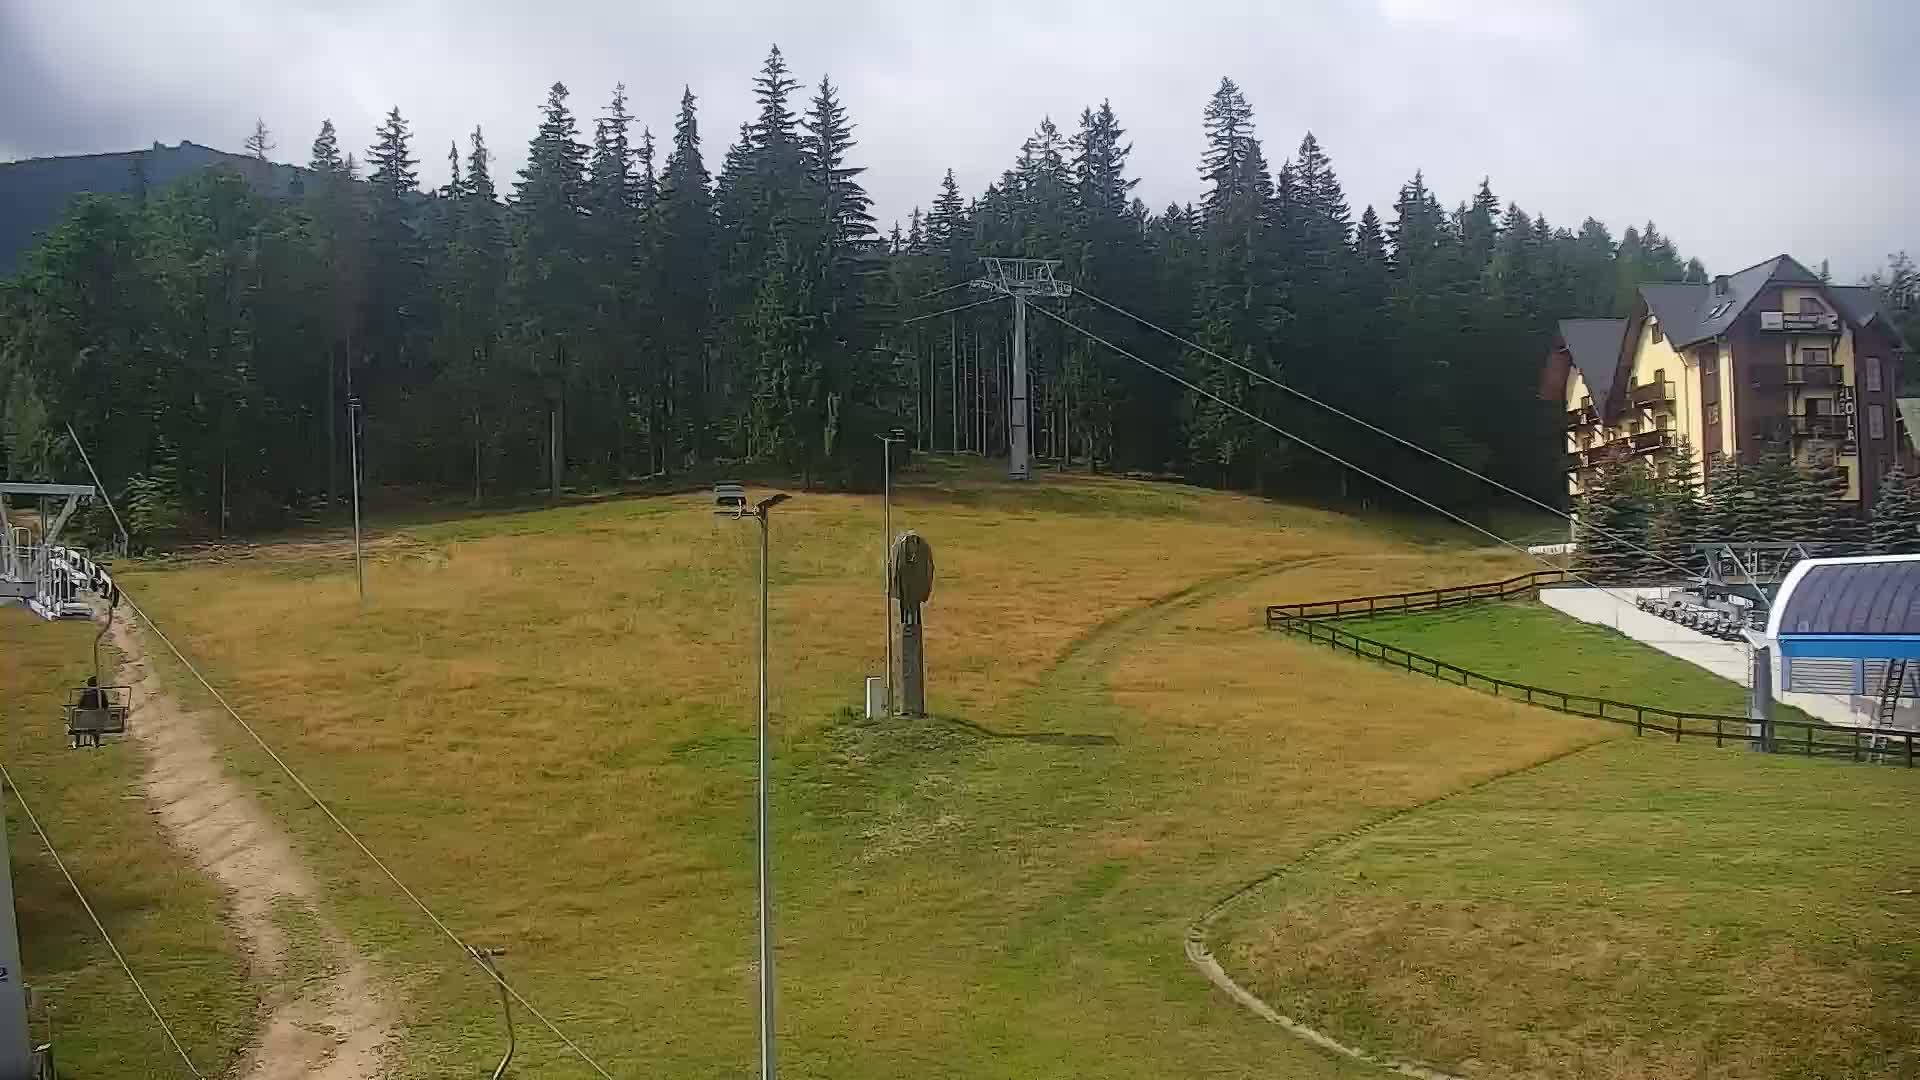 Webcam Ski Resort Szklarska Poreba cam 2 - Giant Mountains